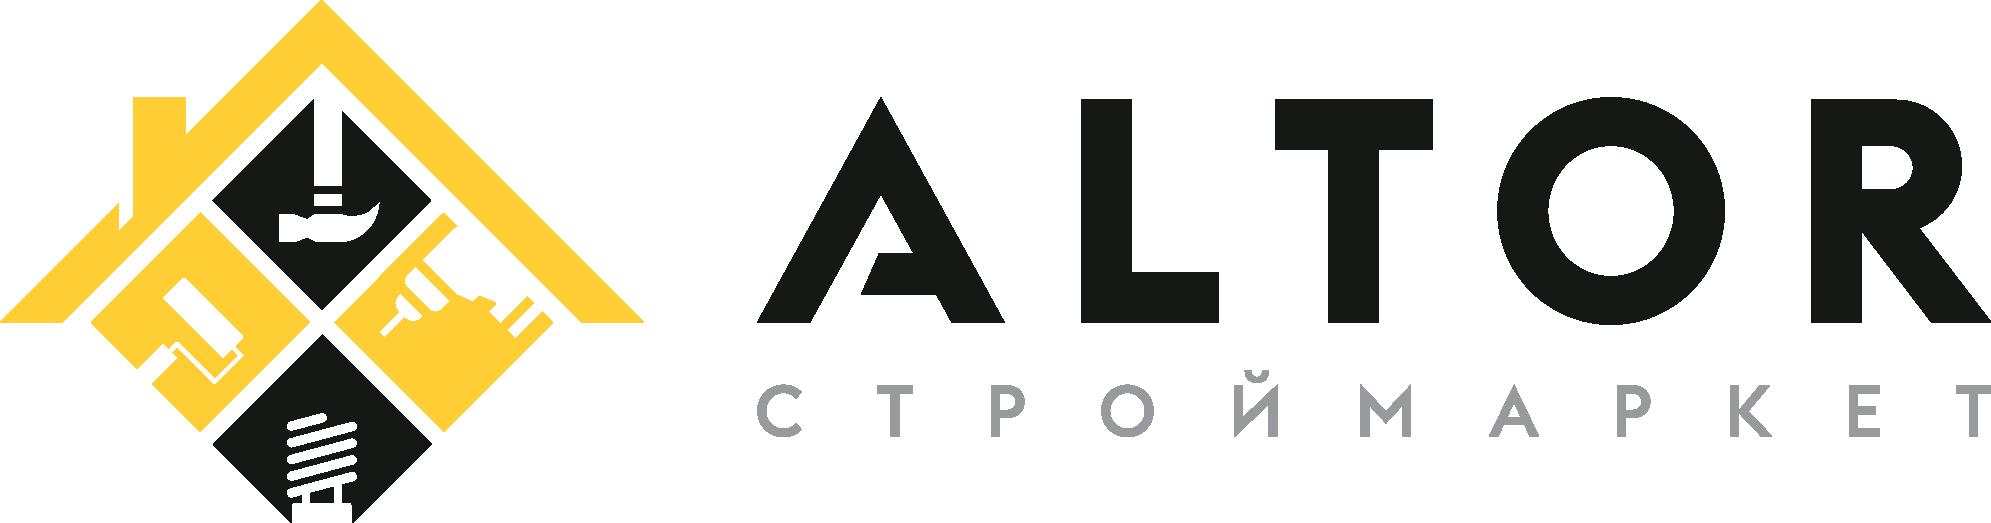 Строймаркет ALTOR | Продажа стройматериалов с доставкой по всему Казахстану